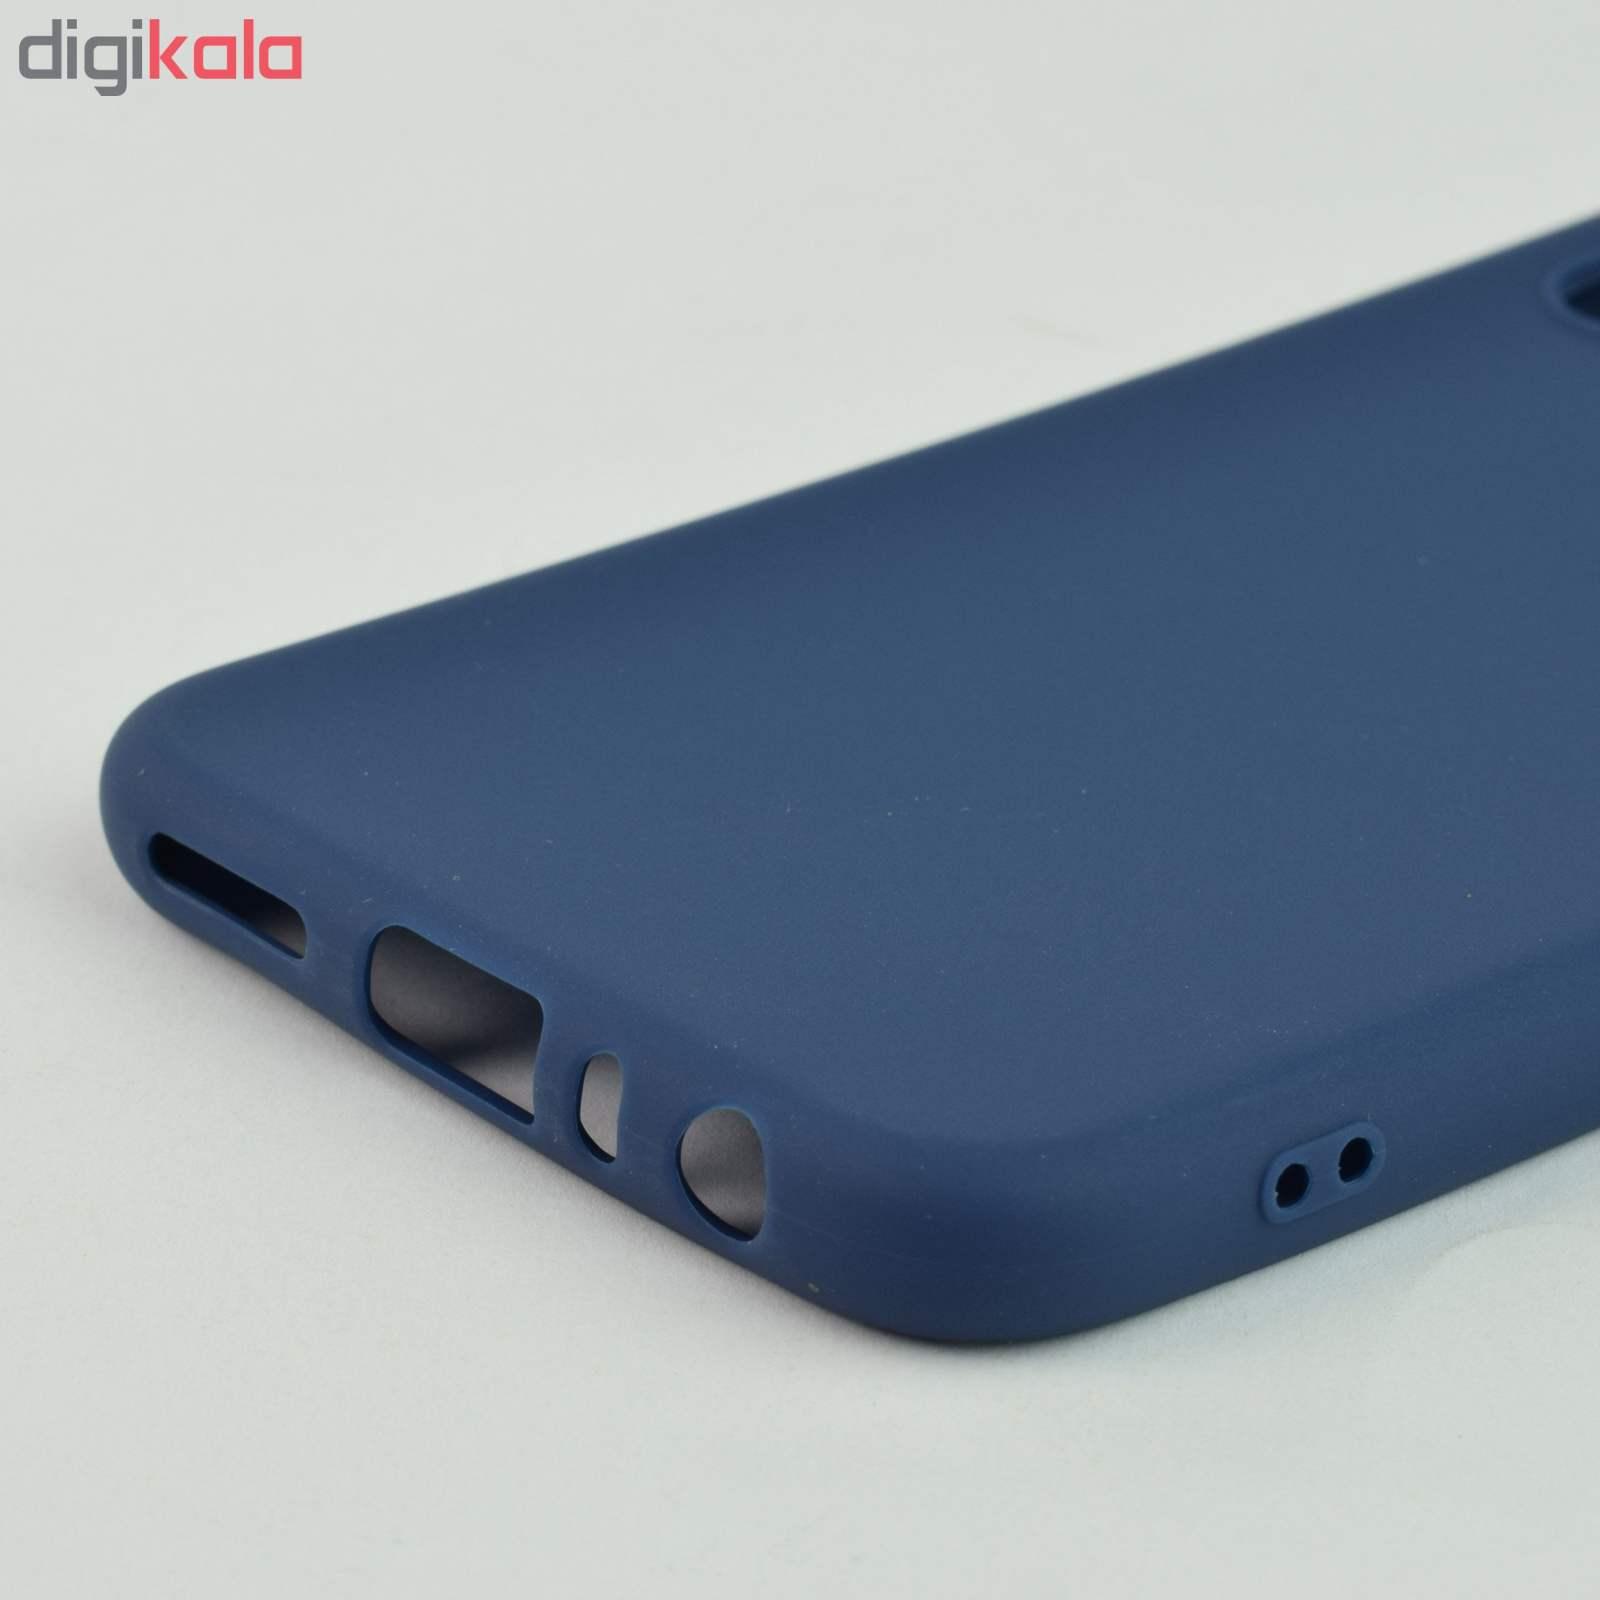 کاور مدل SC20 مناسب برای گوشی موبایل شیائومی Redmi Note 8